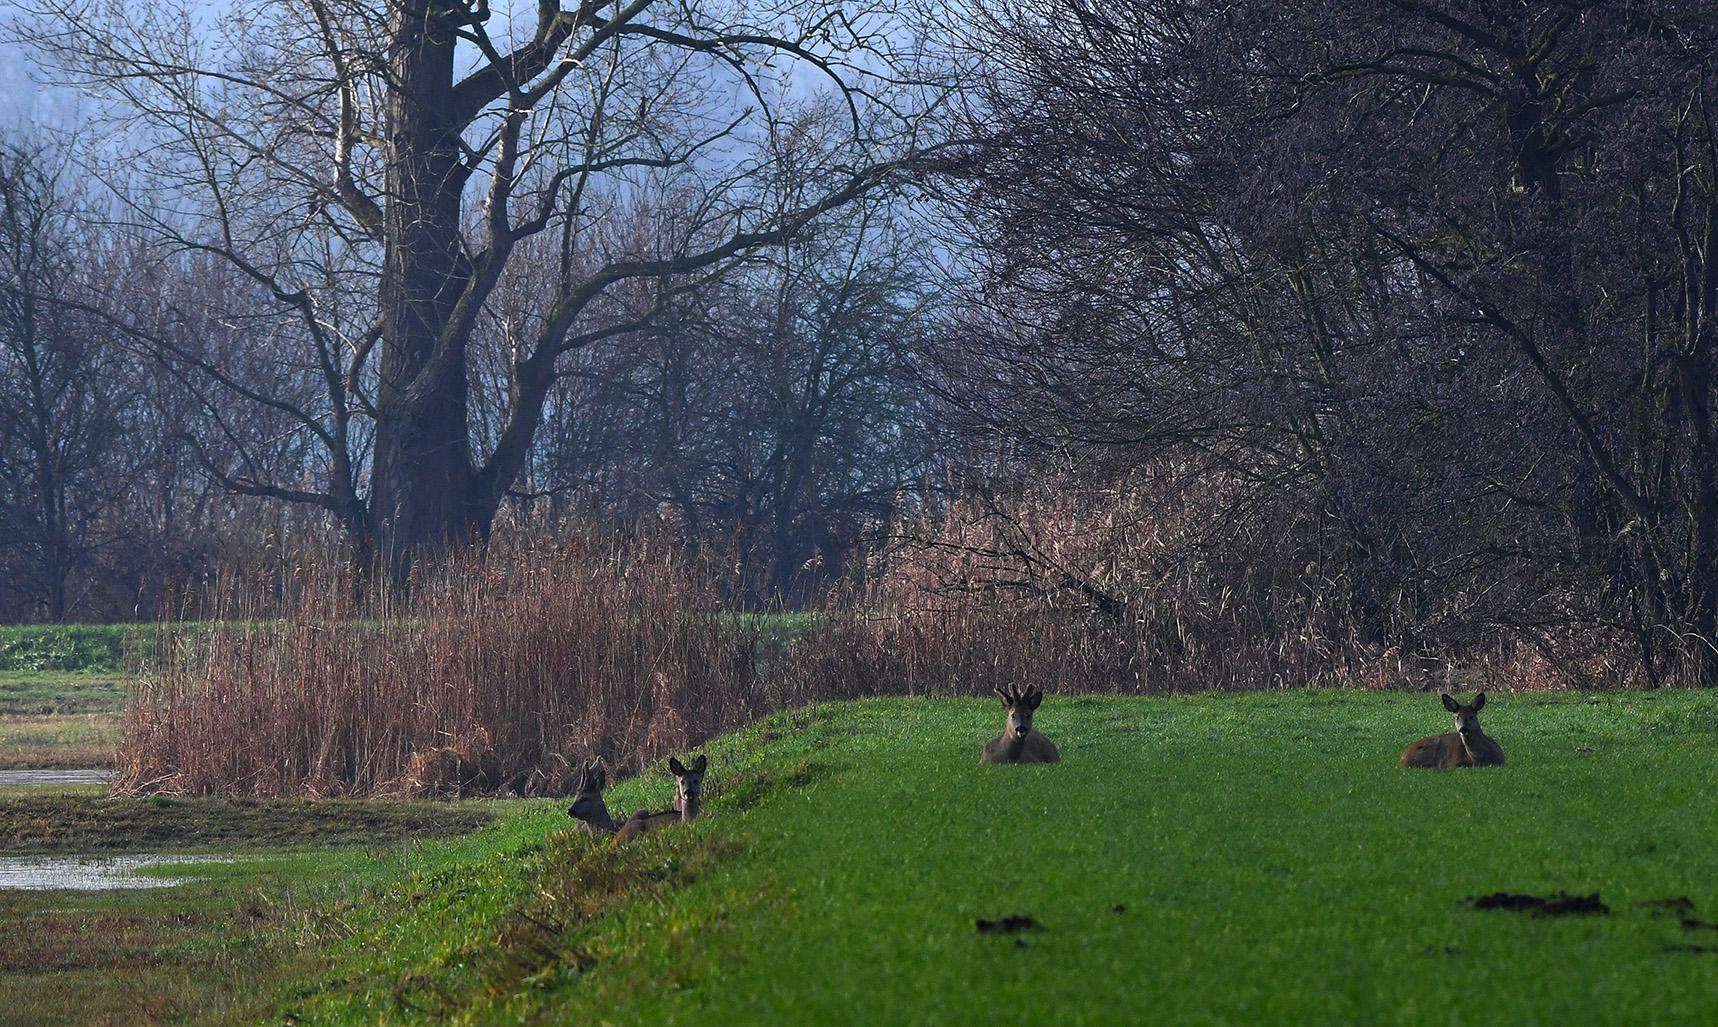 Zomaar een mooie ontmoeting buiten in het veld met het rustend reewild - Foto: ©Louis Fraanje